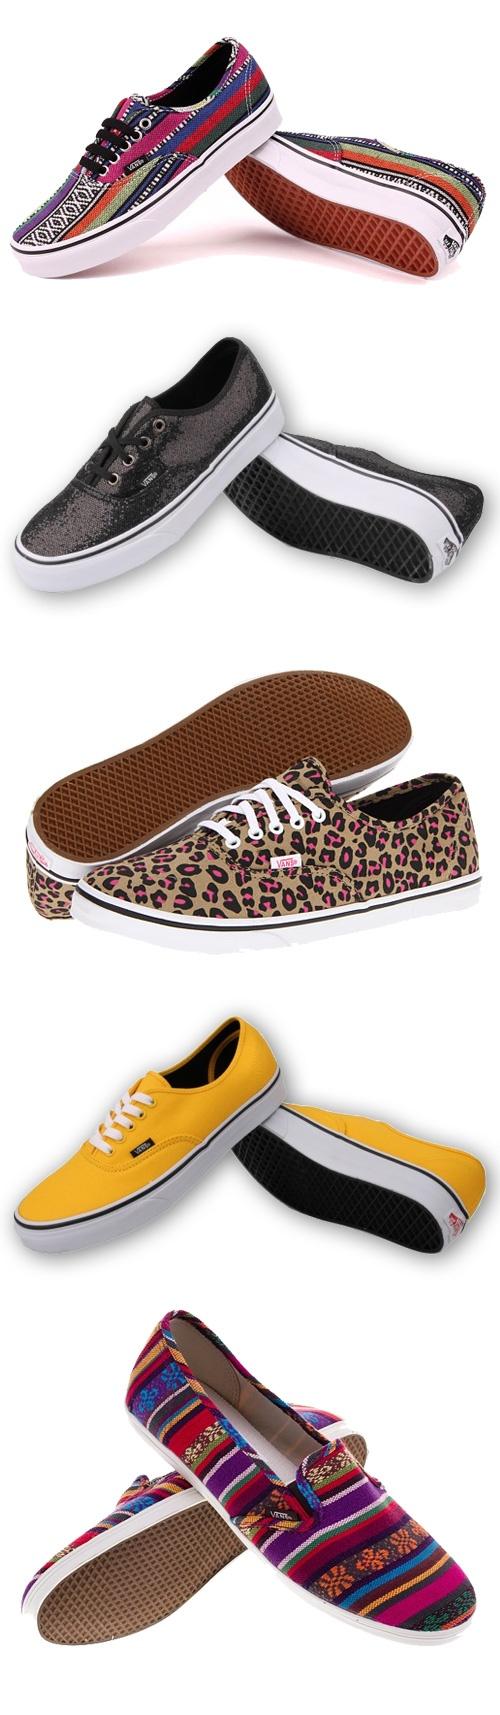 #Vans #shoes #fashion